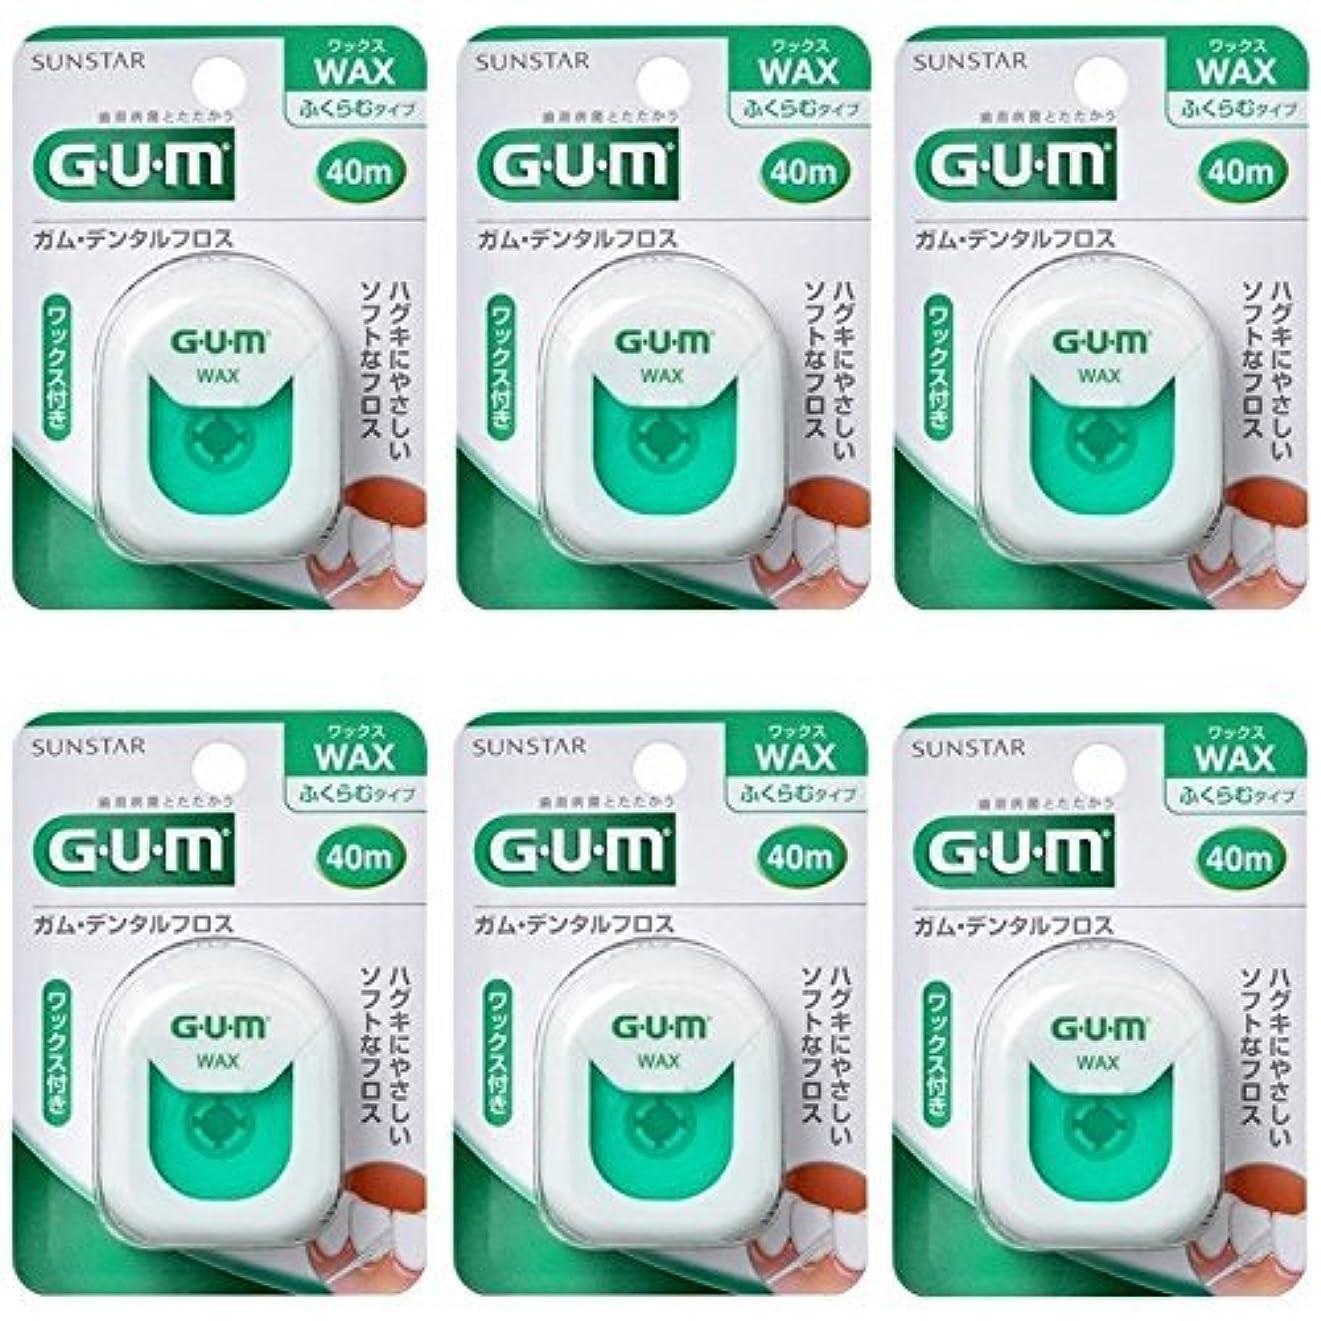 【まとめ買い】GUM(ガム)?デンタルフロス (ワックス) 40m【×6個】